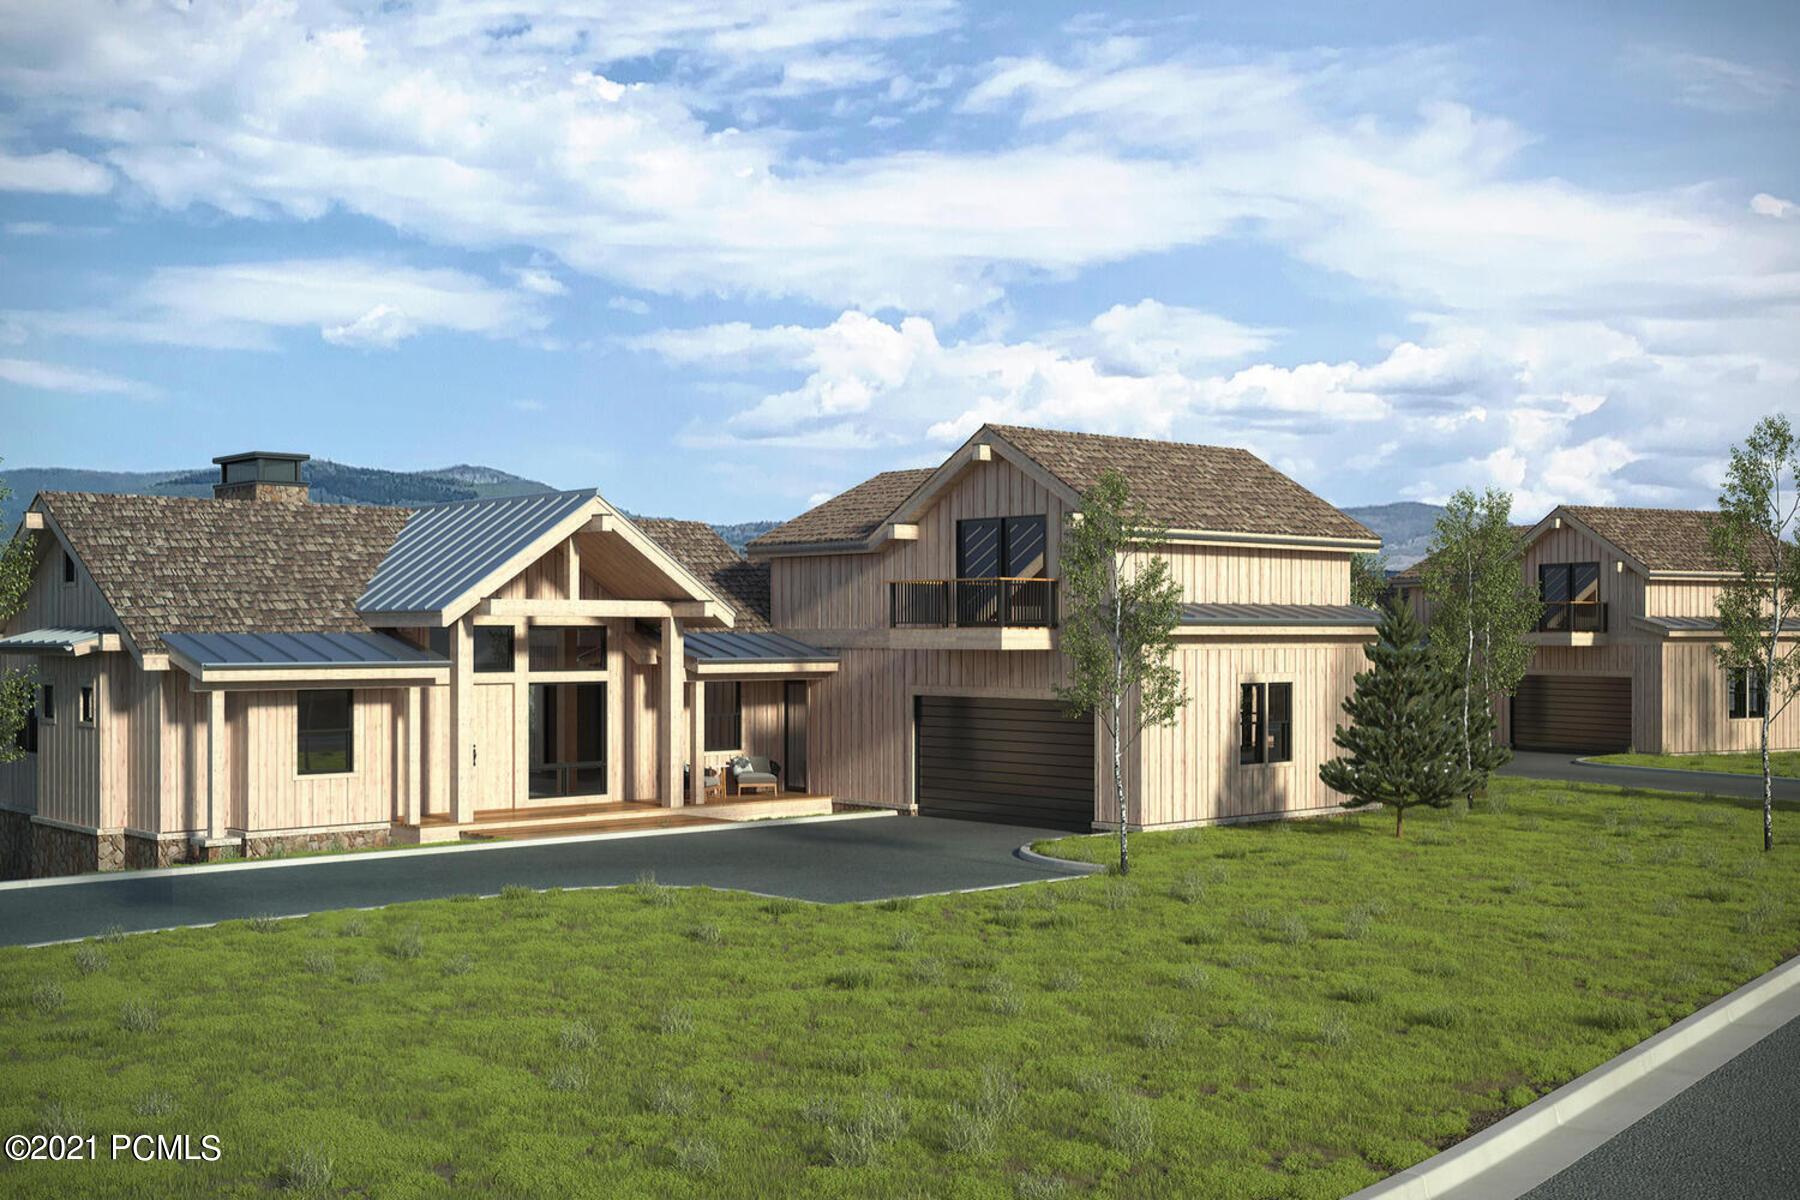 7559 Stardust Ct #318f, 5.6, Heber City, Utah 84032, 1 Bedroom Bedrooms, ,3 BathroomsBathrooms,Fractional Interest,For Sale,Stardust Ct #318f, 5.6,12101185